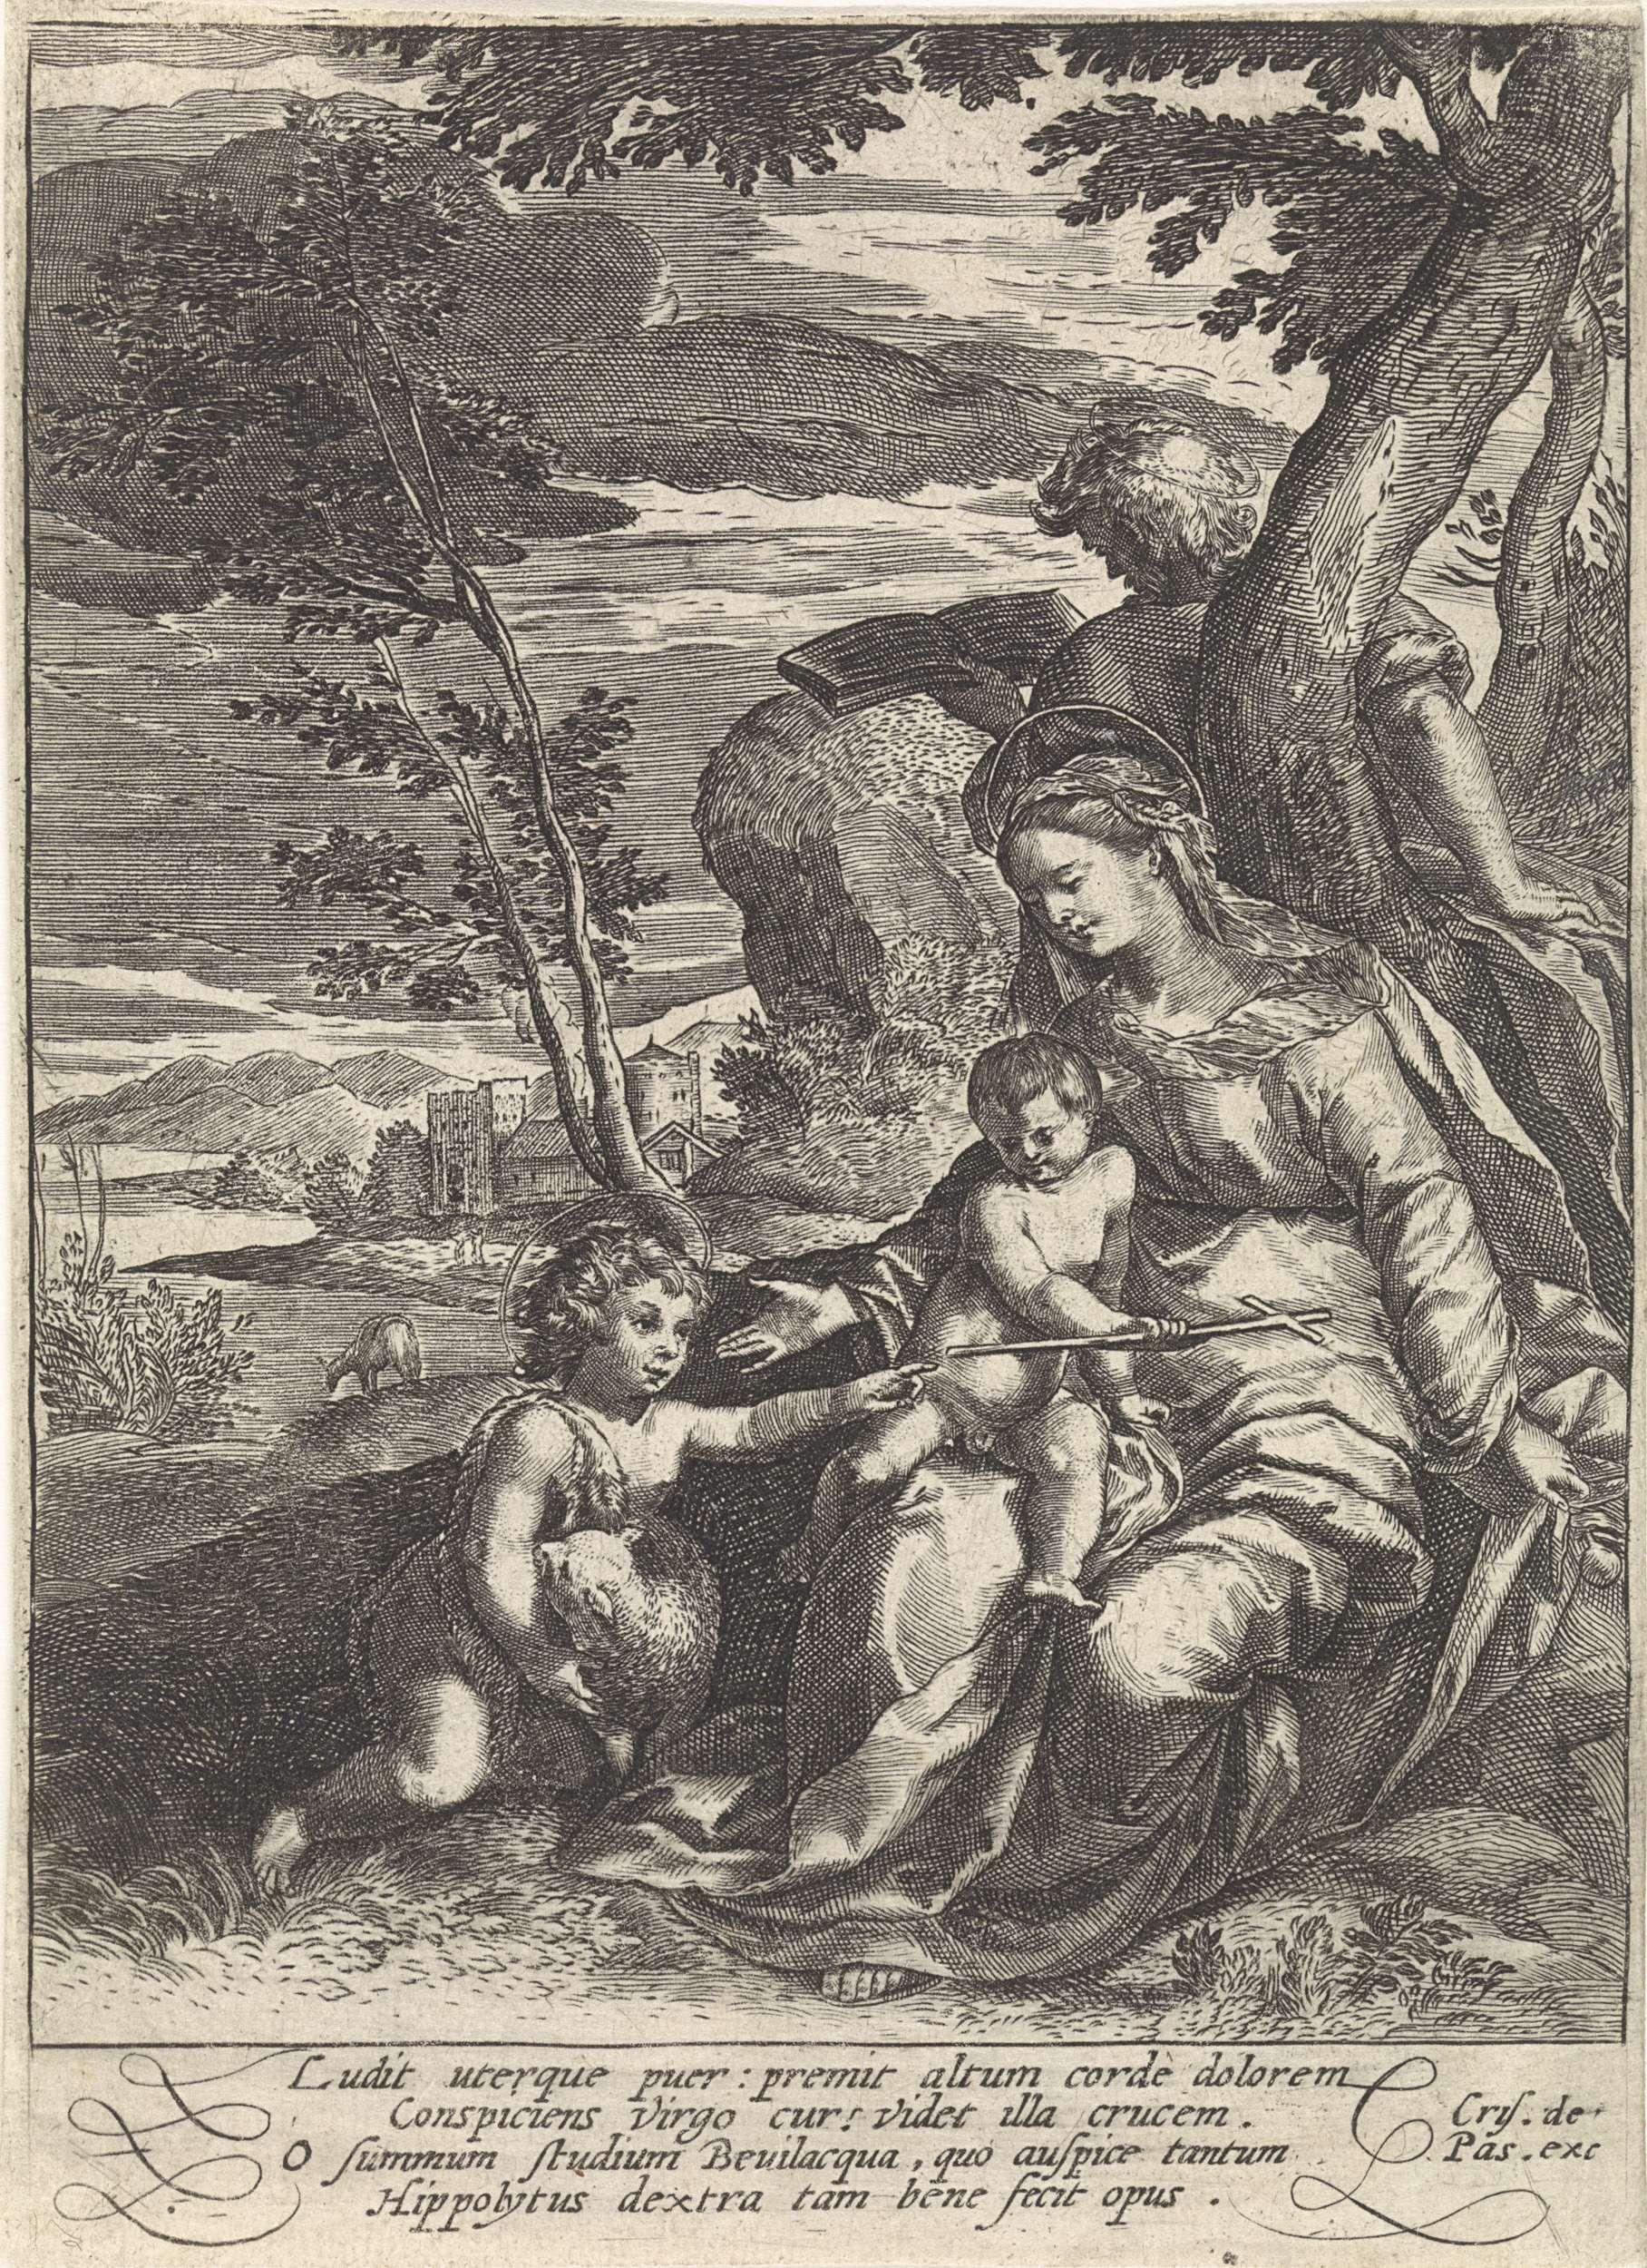 Crispijn van de Passe (I) | De heilige familie en Johannes de Doper, Crispijn van de Passe (I), 1574 - 1637 | Maria zit met het Christuskind op schoot, ze reikt naar Johannes de Doper. Jozef staat achter de boom. In de marge een vierregelig onderschrift in het Latijn.